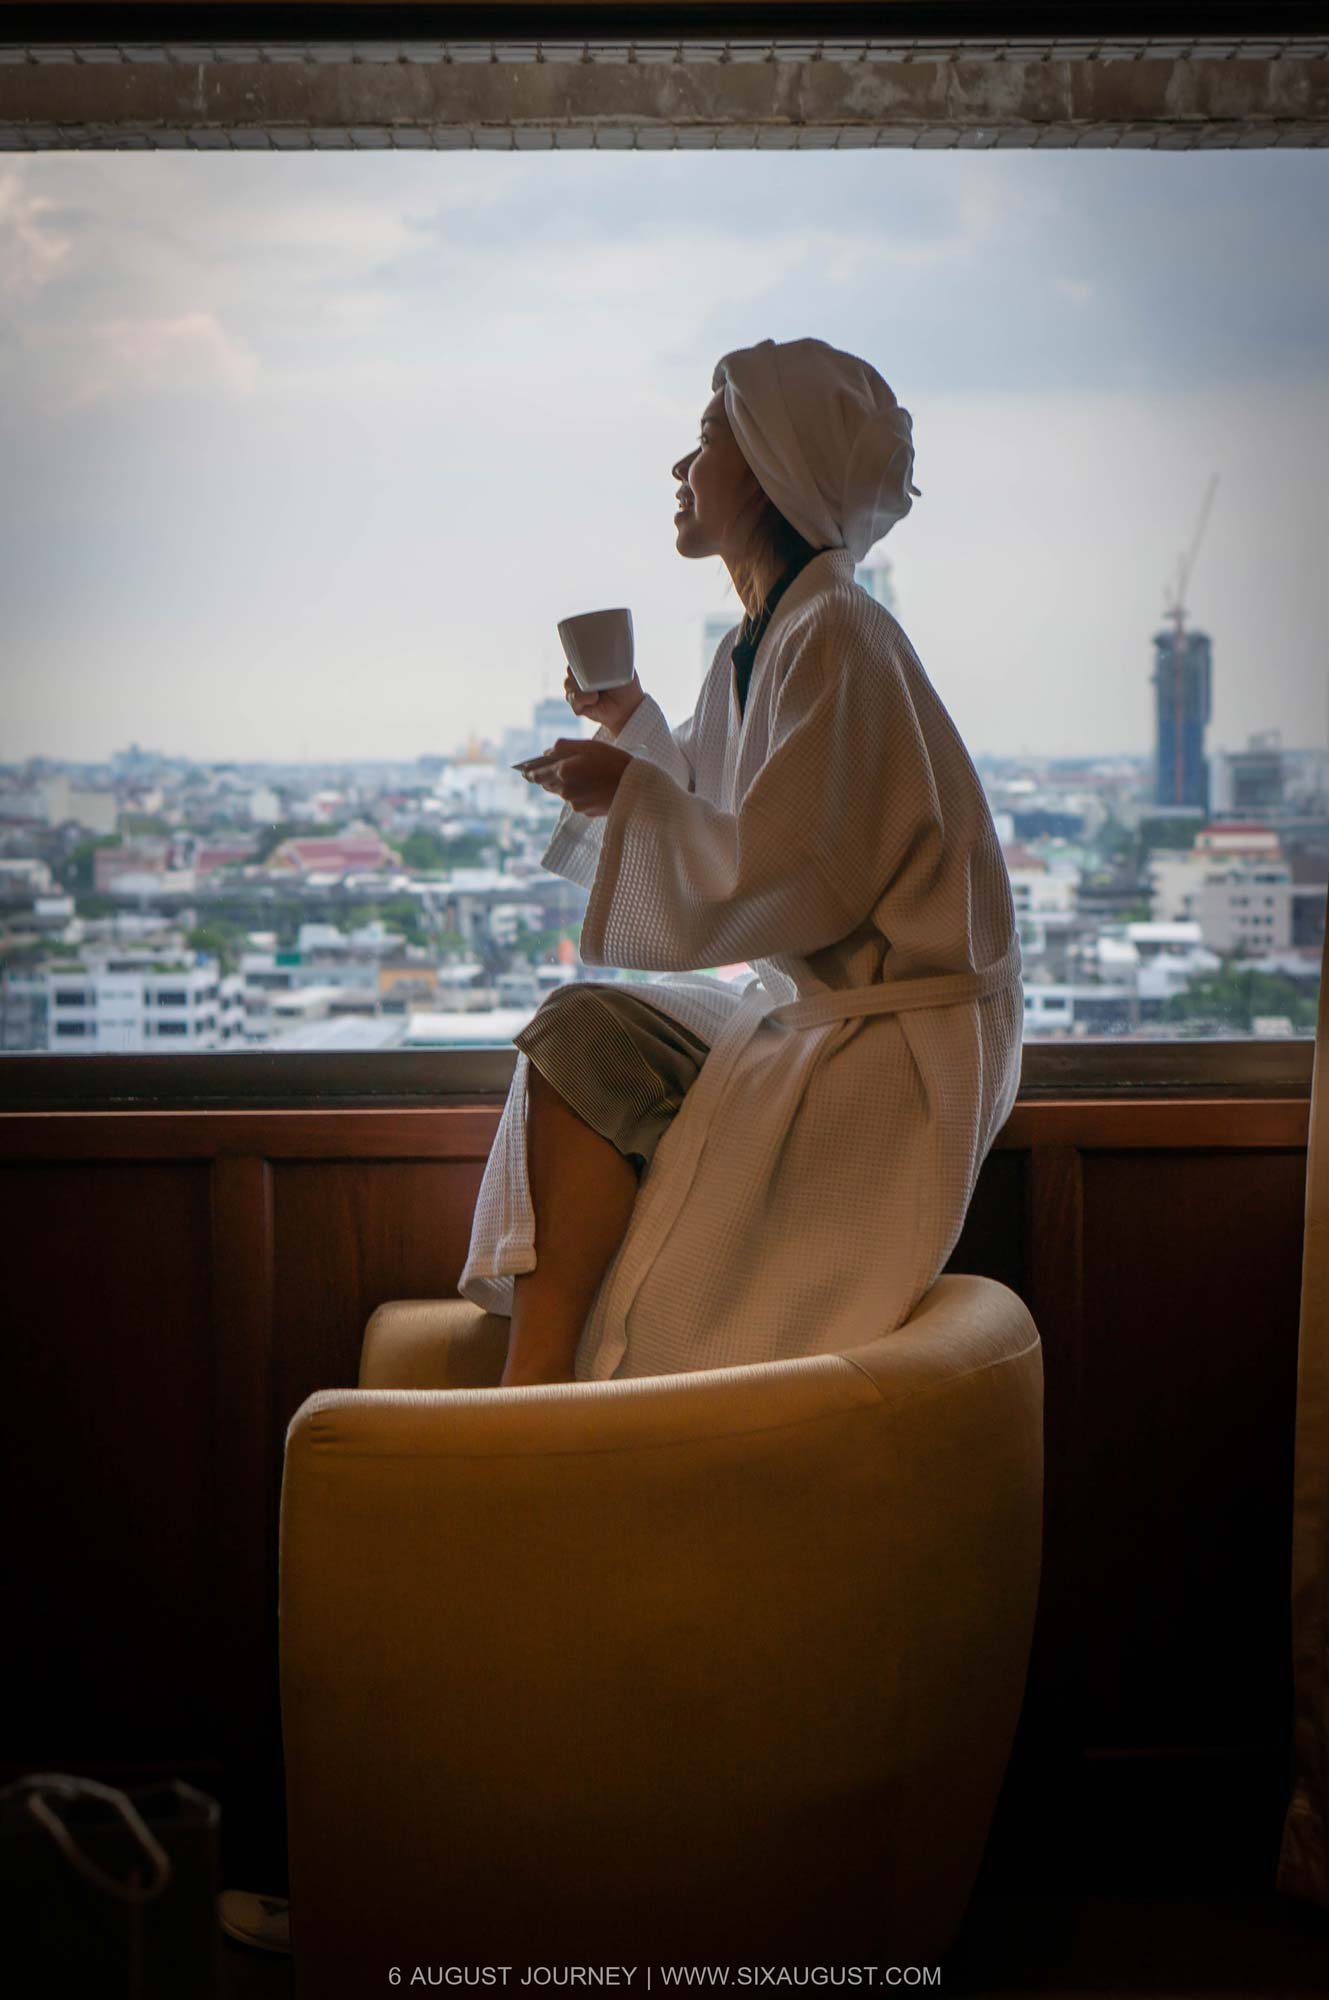 จิบกาแฟ โรงแรมเอเชีย รีวิว